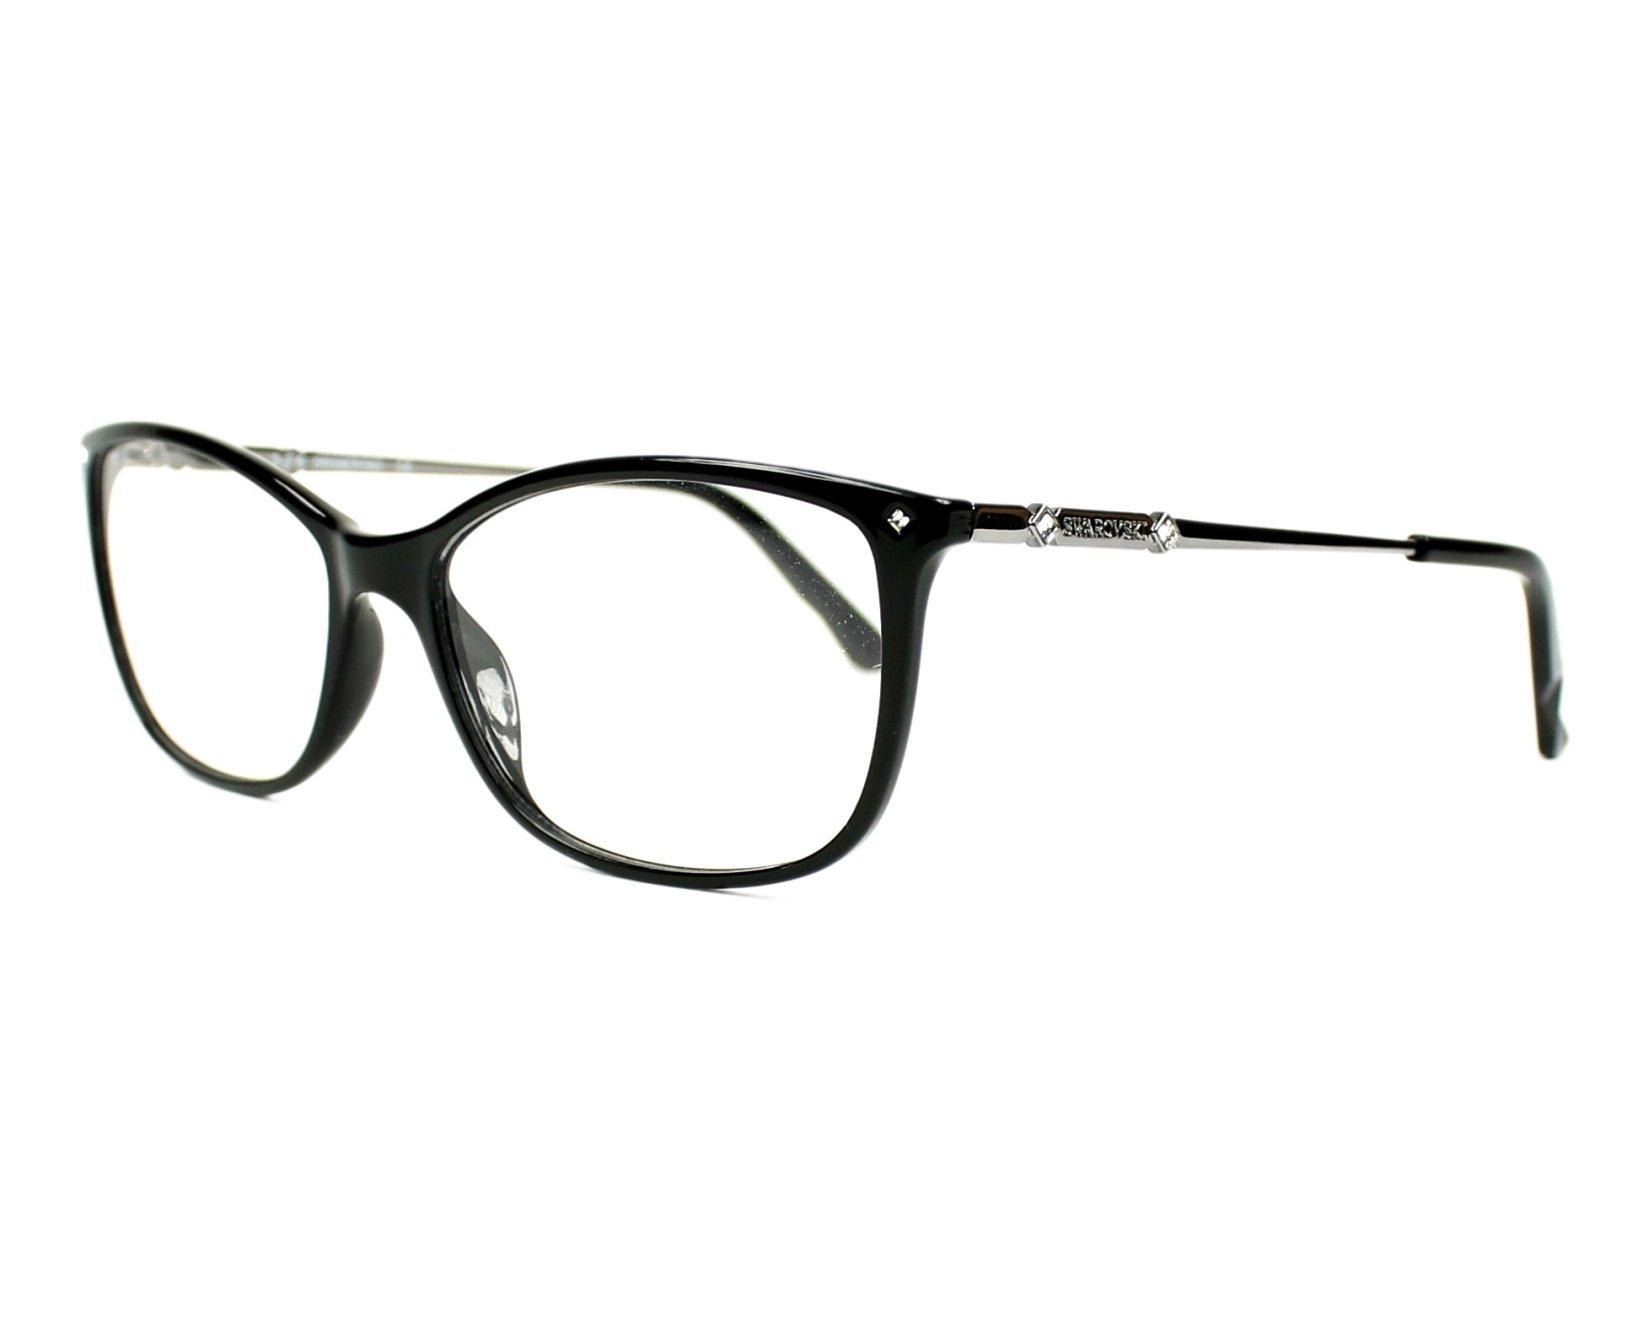 Swarovski Eyeglasses Black Sw 5179 001 Visionet Us